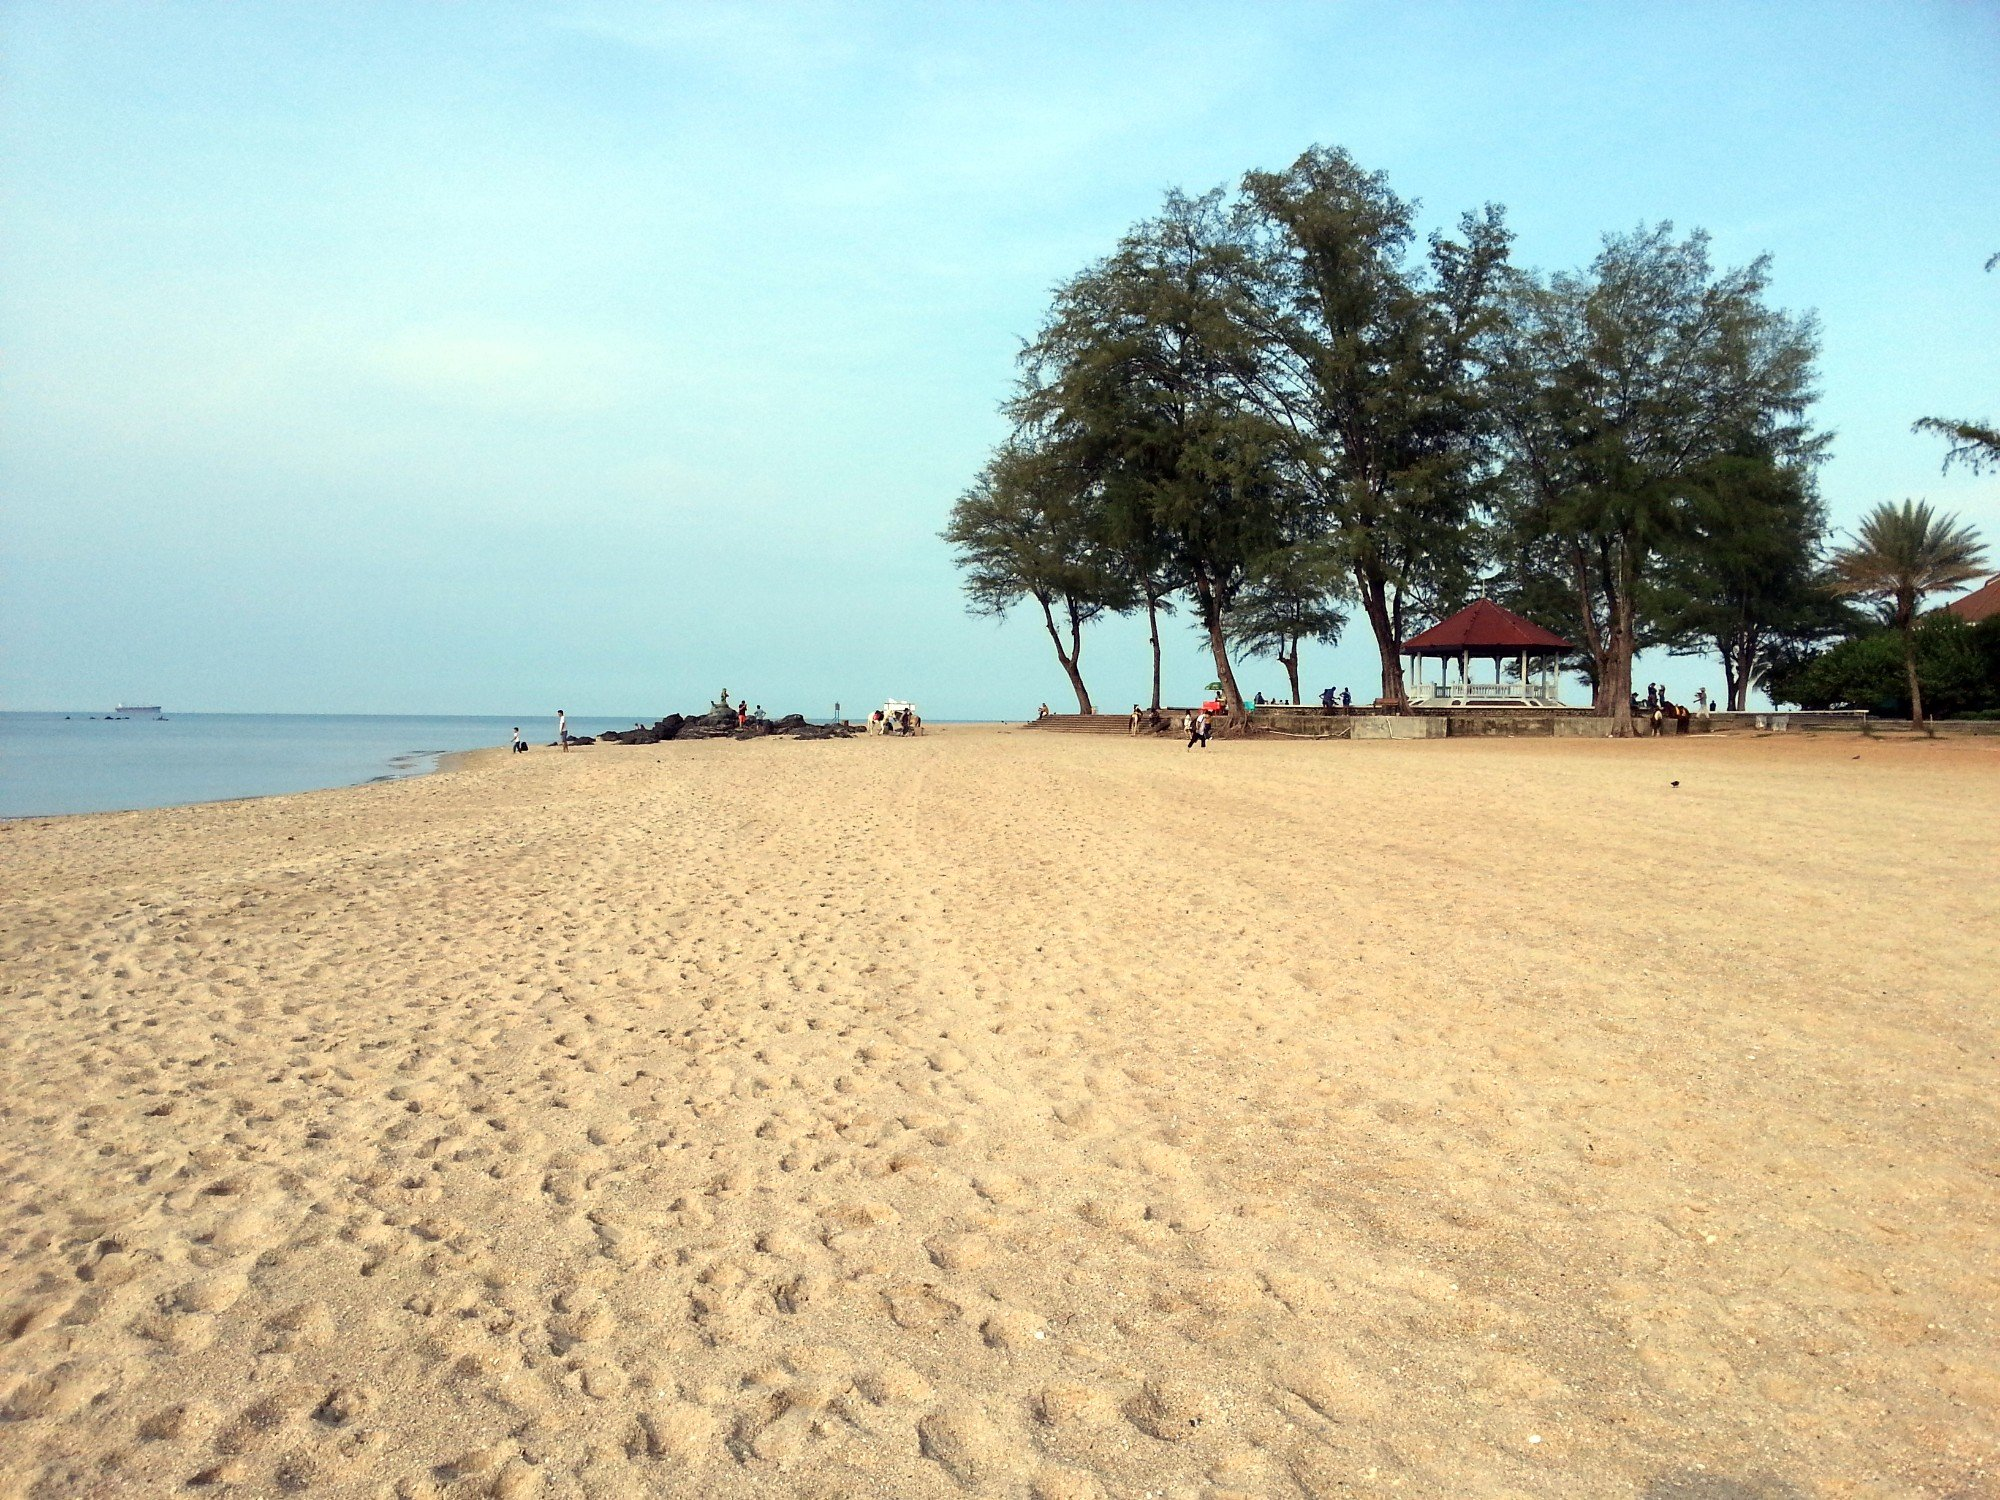 Looking east on Samila Beach